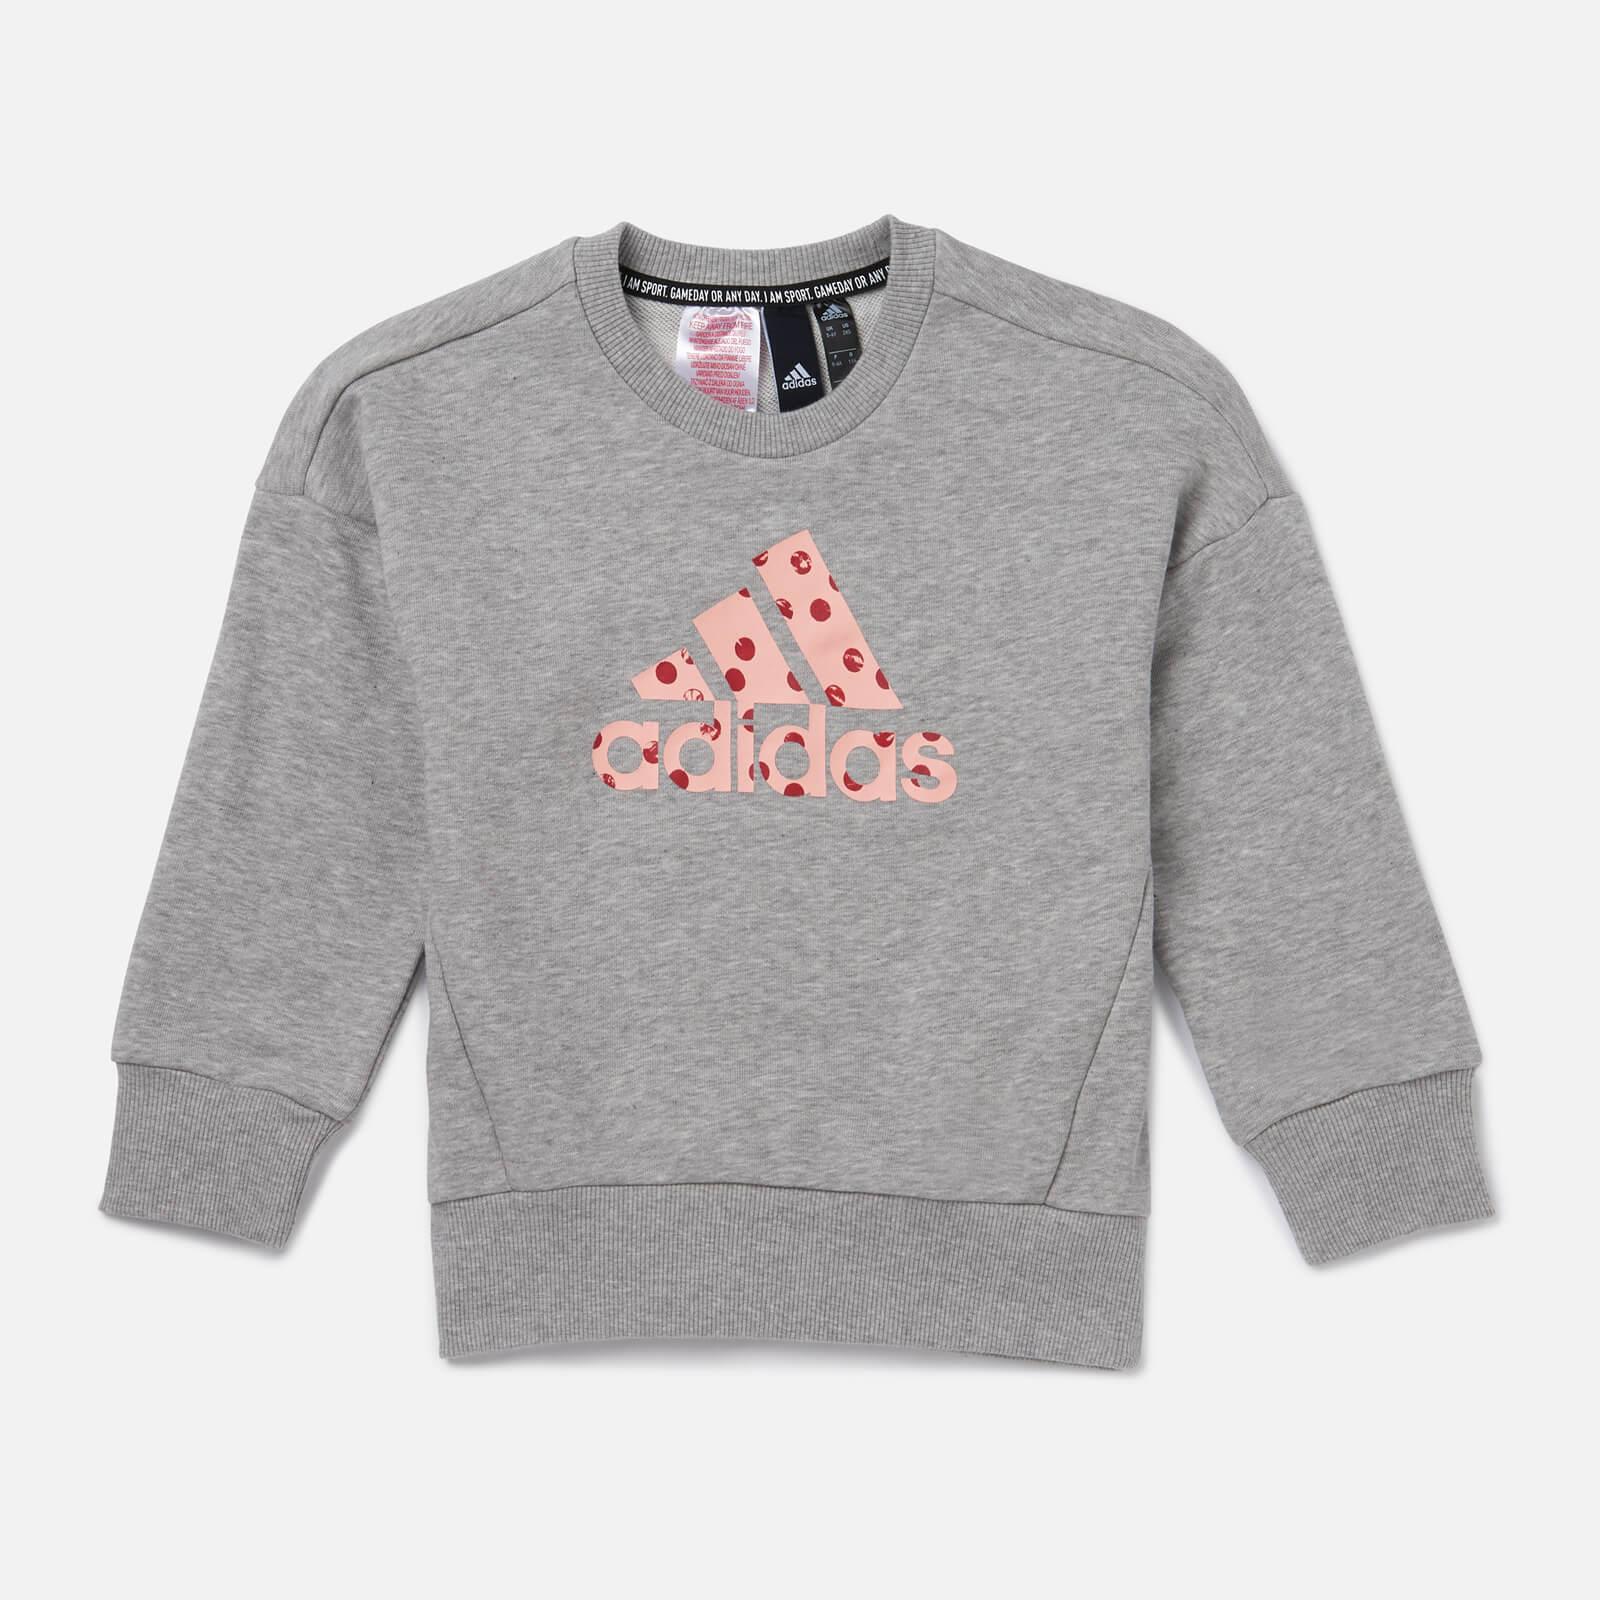 adidas Girls' Young Girls Crew Neck Sweatshirt - Grey - 7-8 Years